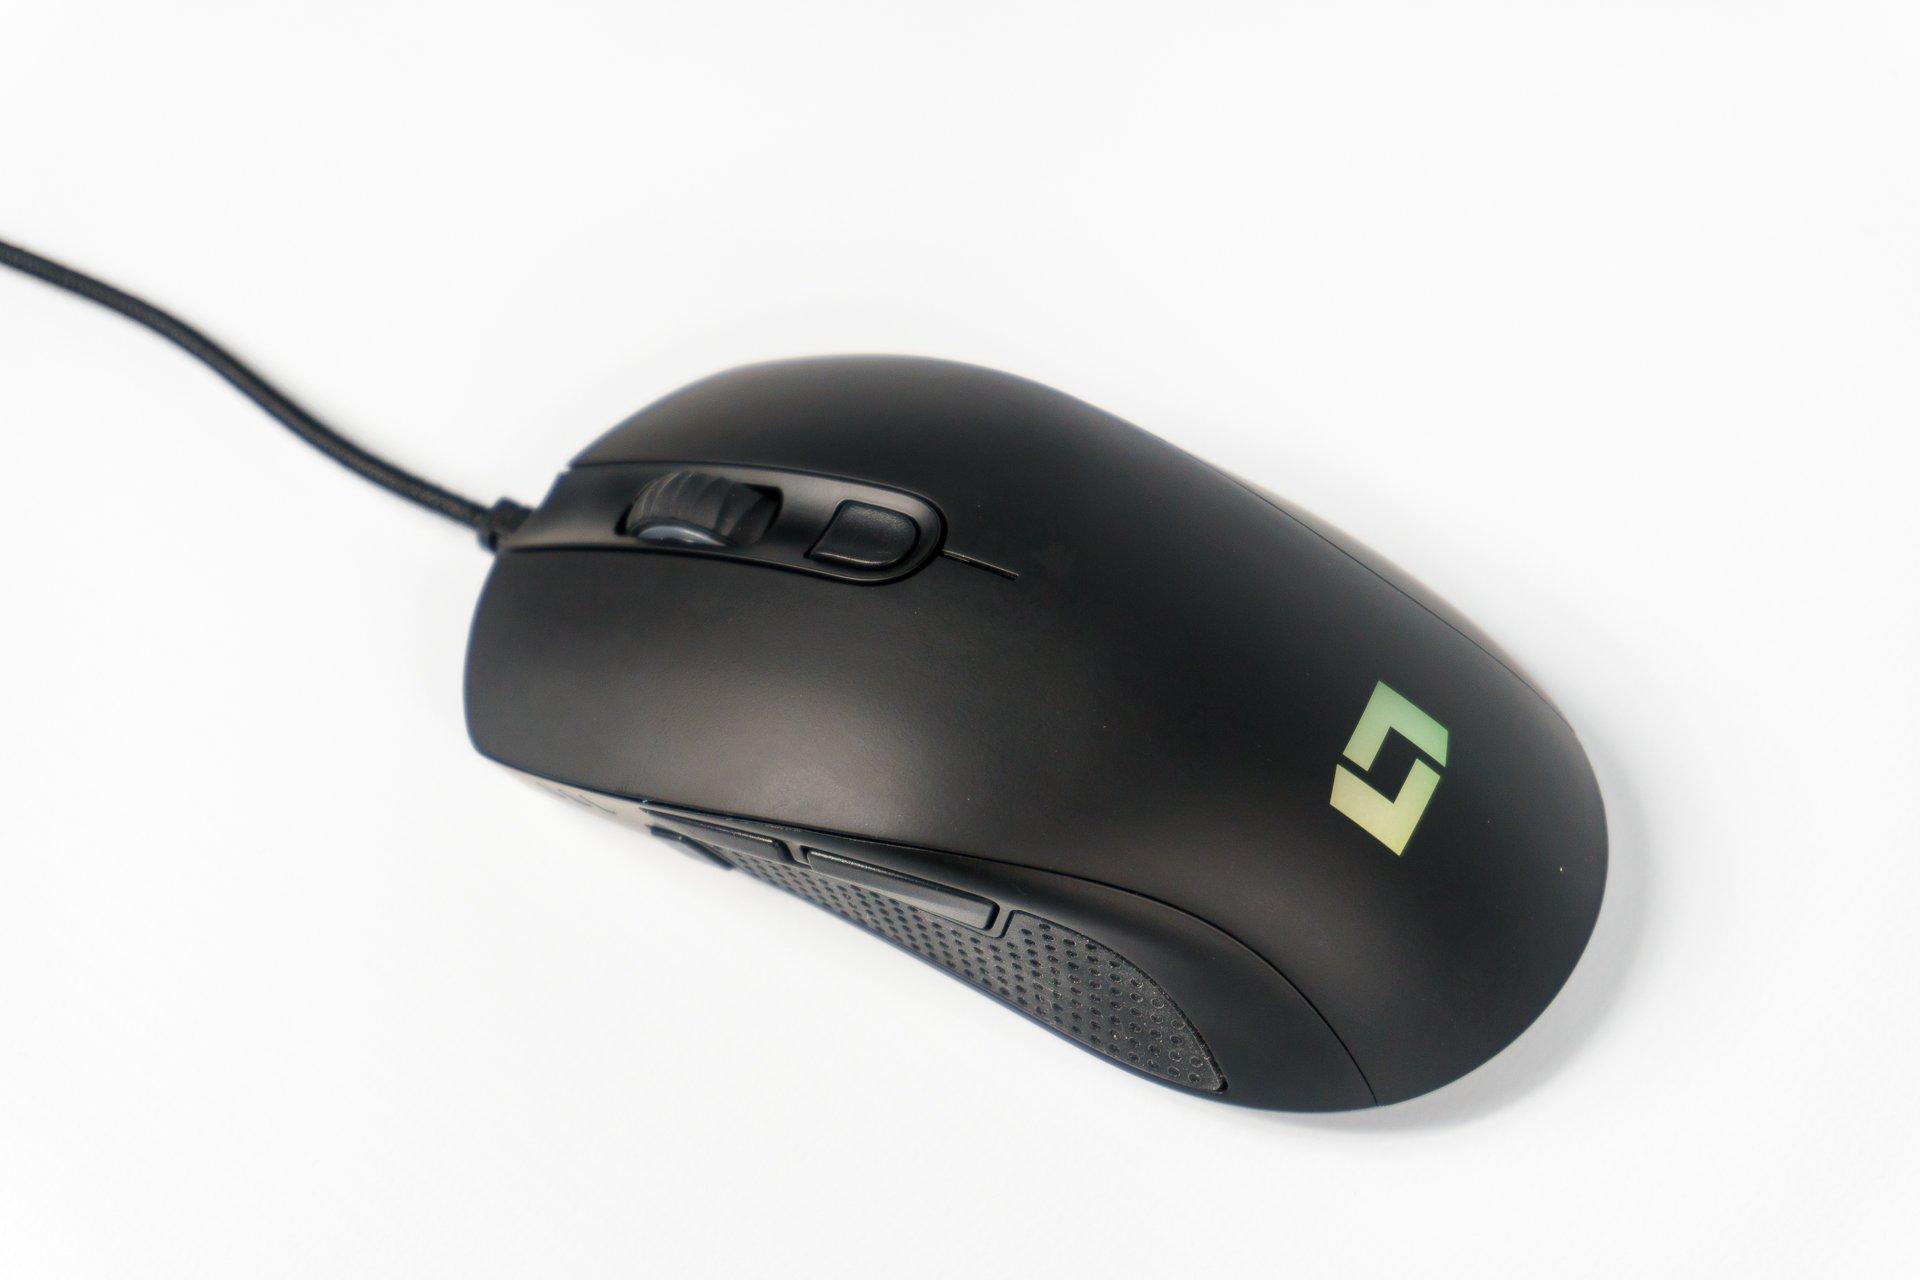 Mysz gamingowa Lioncast LM60 – dobra jakość i zbyt wysoka cena (recenzja)